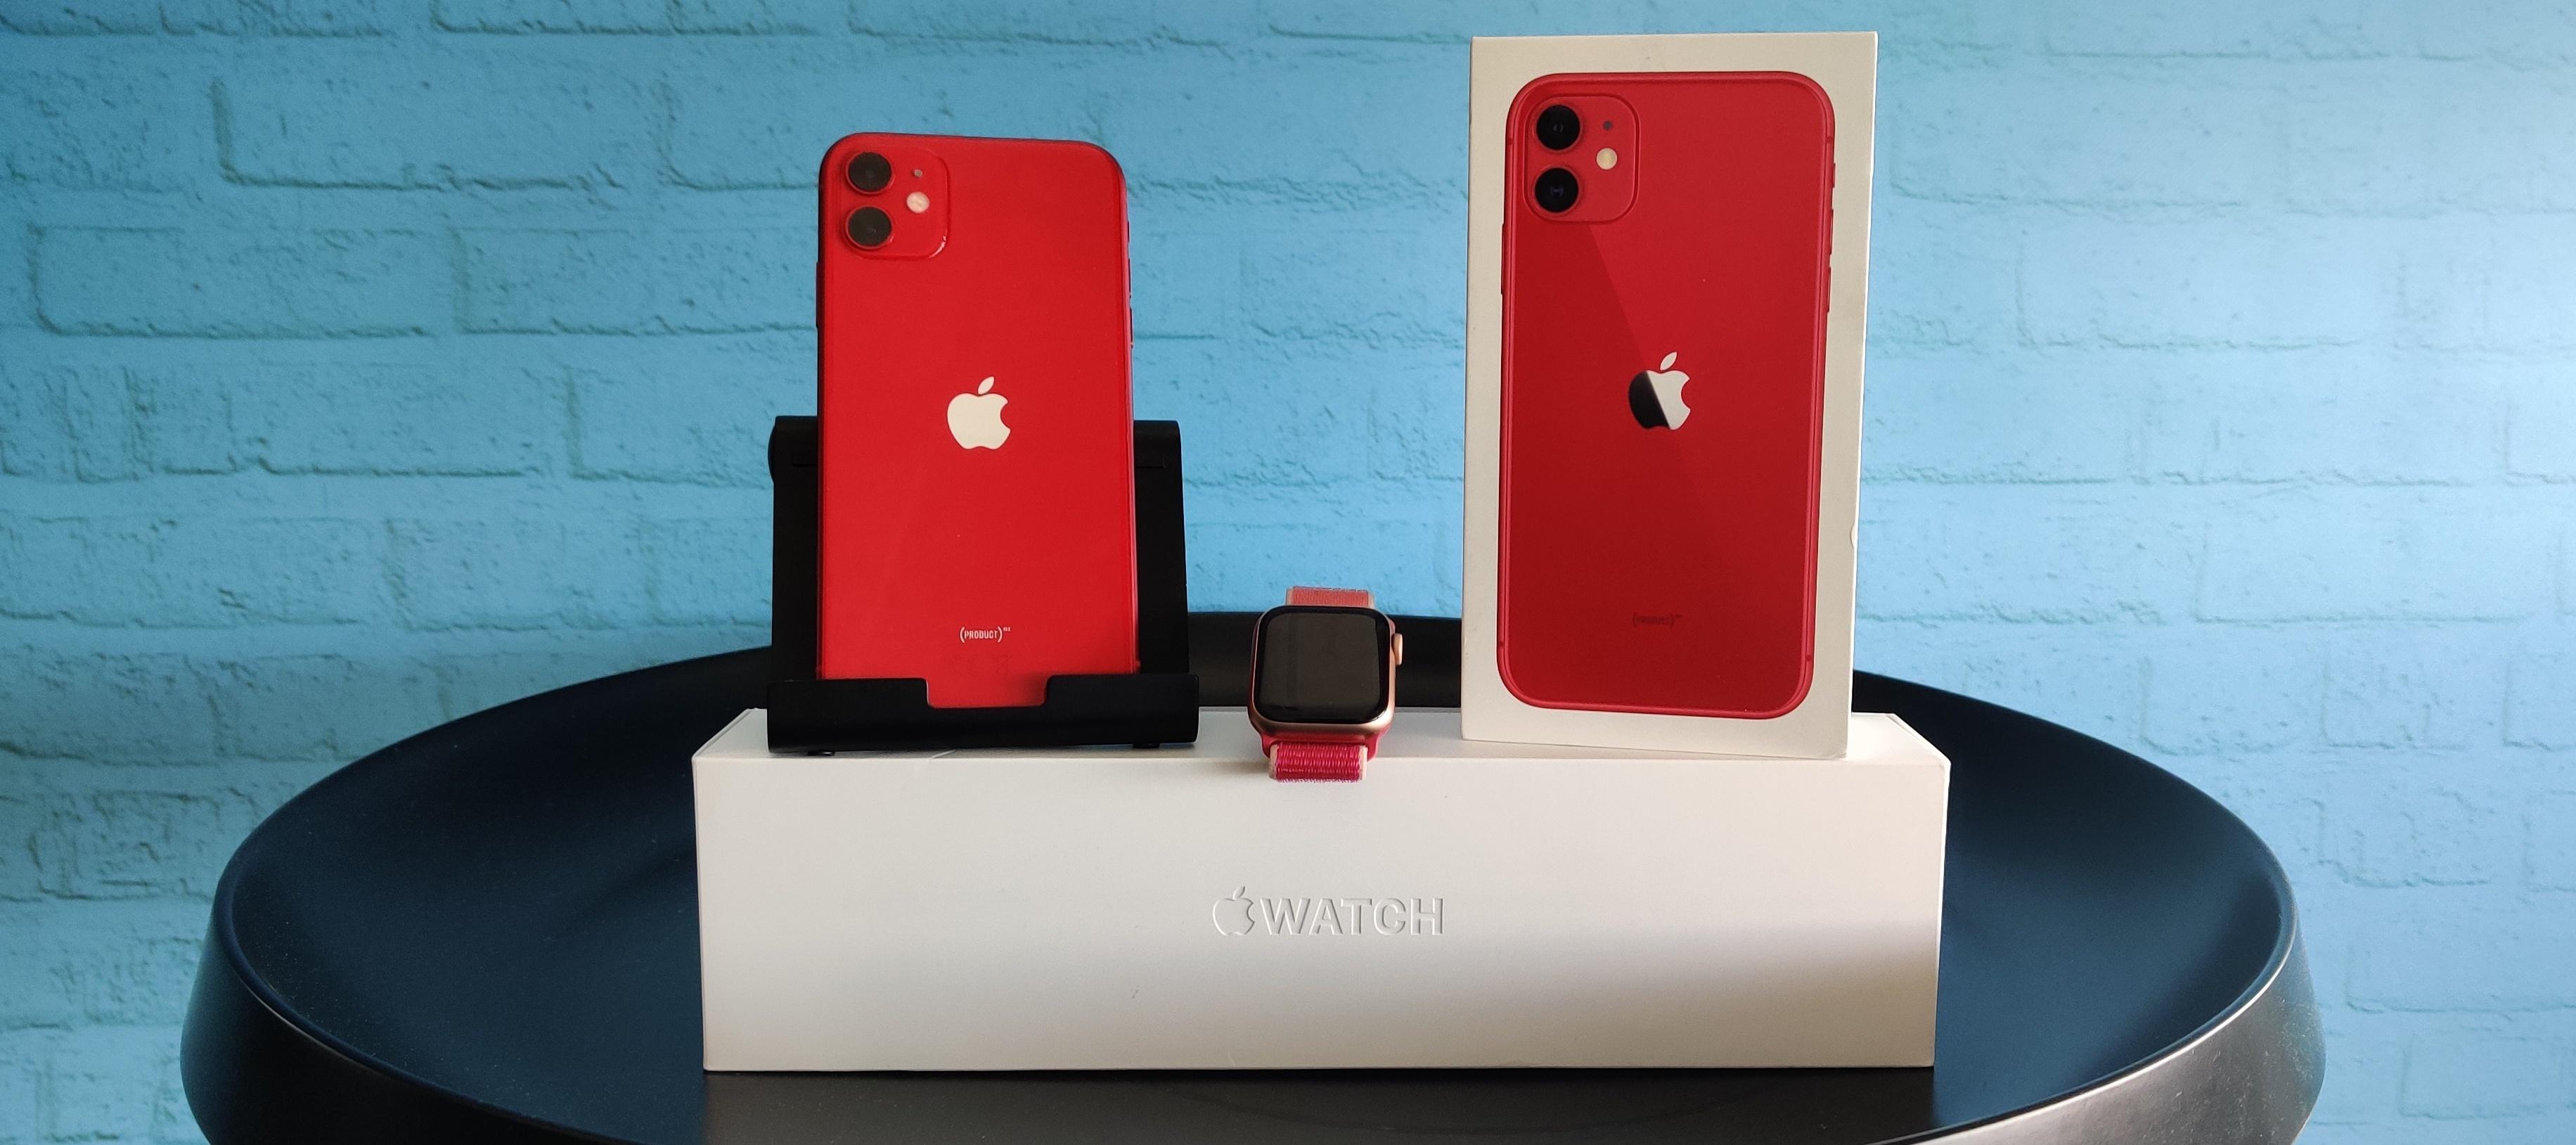 iPhone 11 Red & Apple Watch Series 5 im Bundle testen - Jetzt bewerben!